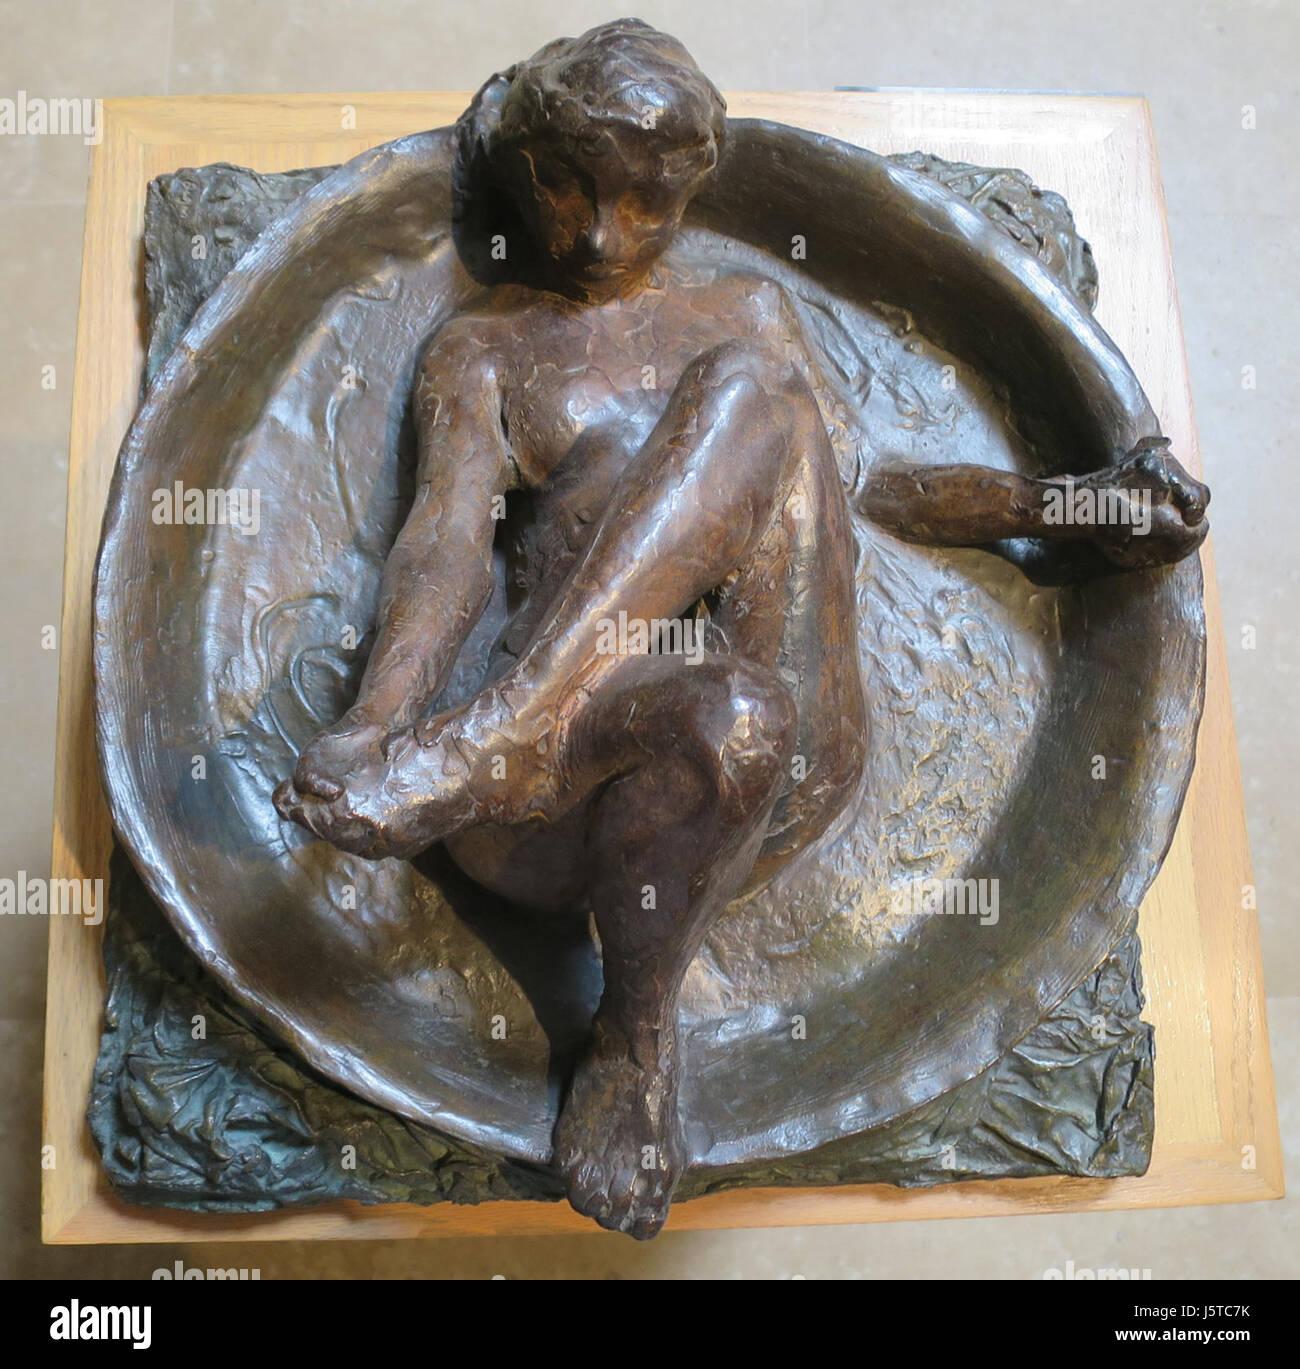 Edgar Degas Tub Stock Photos & Edgar Degas Tub Stock Images - Alamy